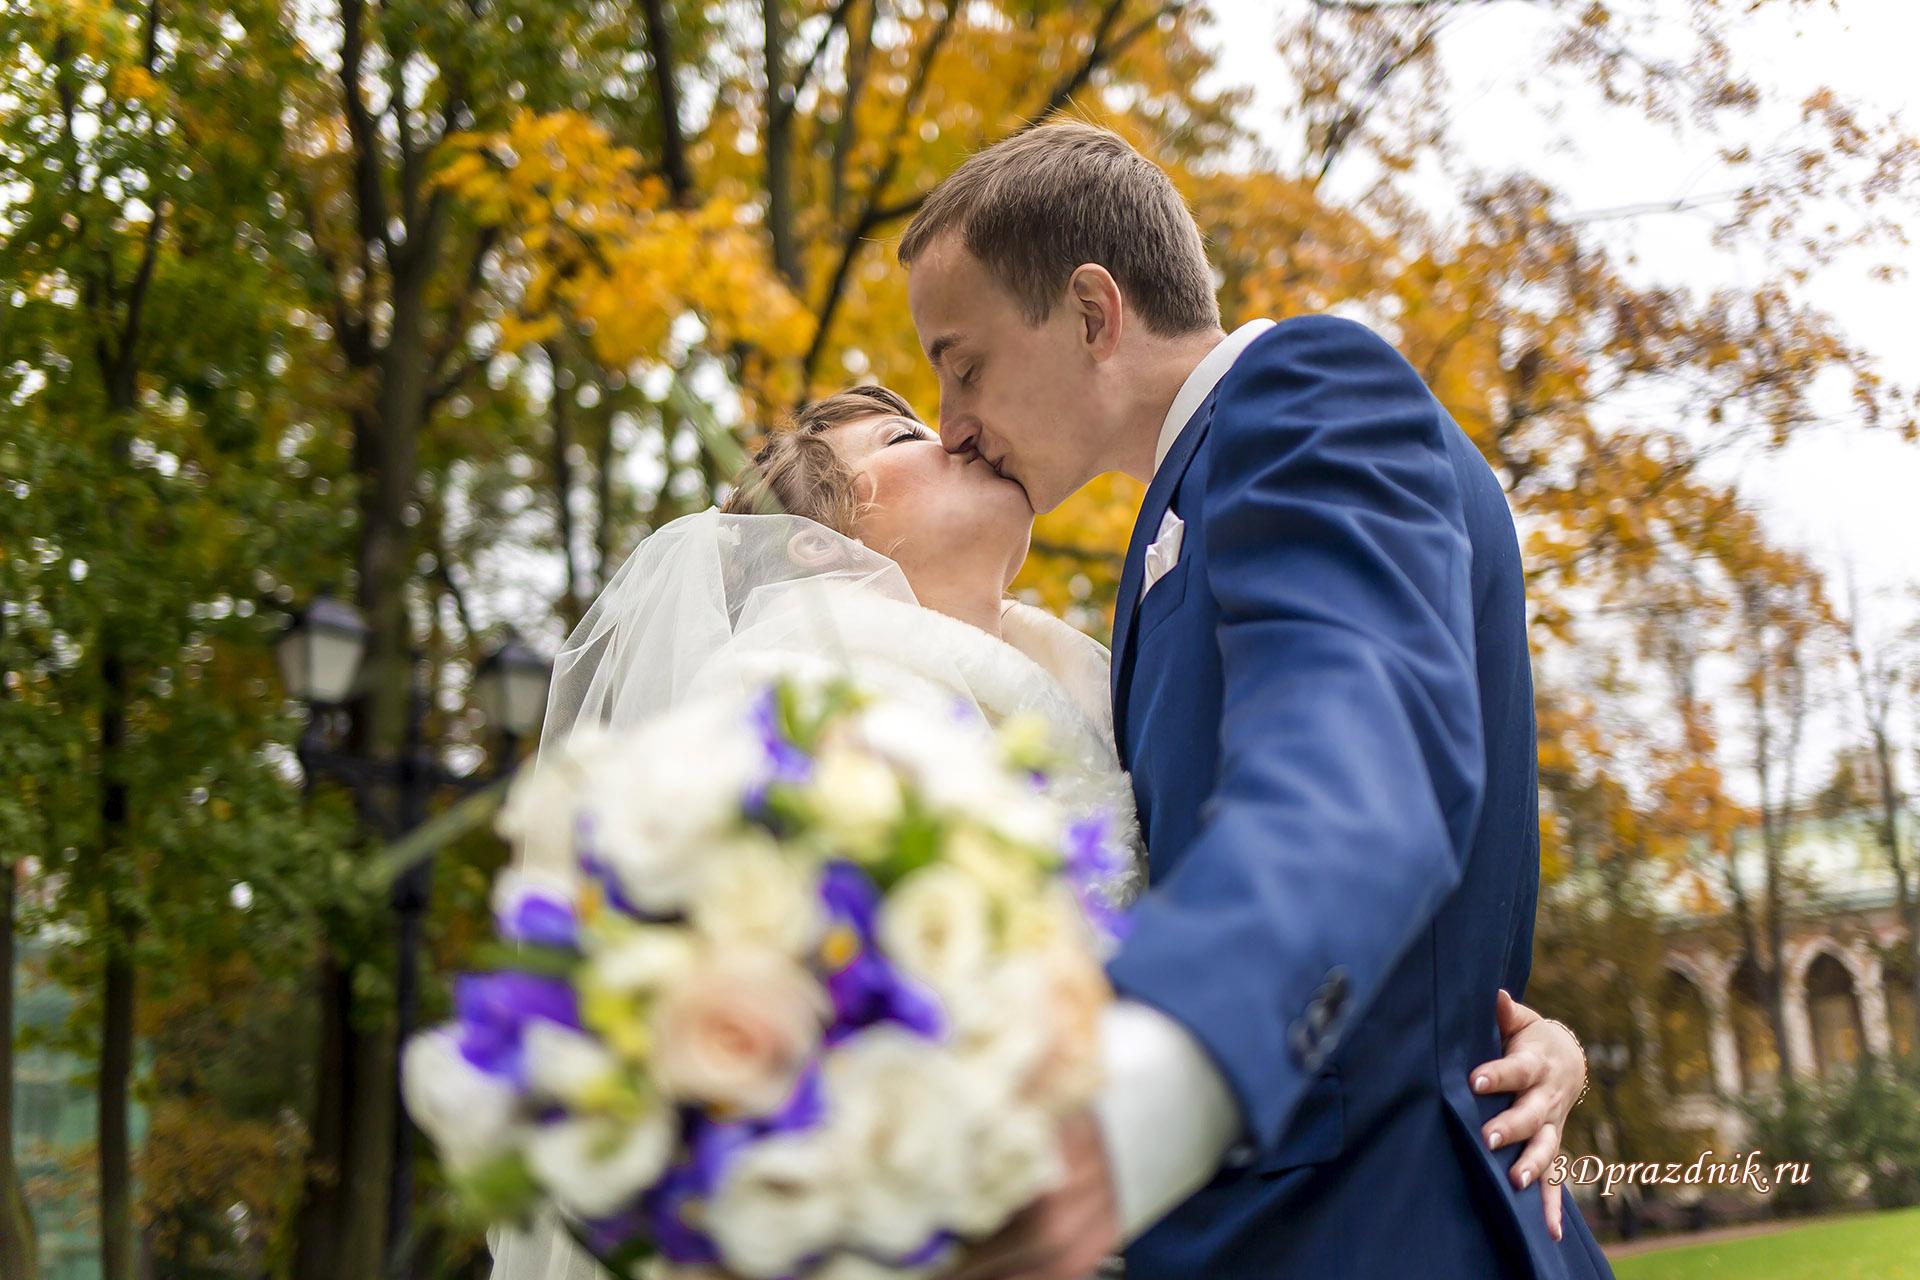 Поцелуй. Свадебный букет.